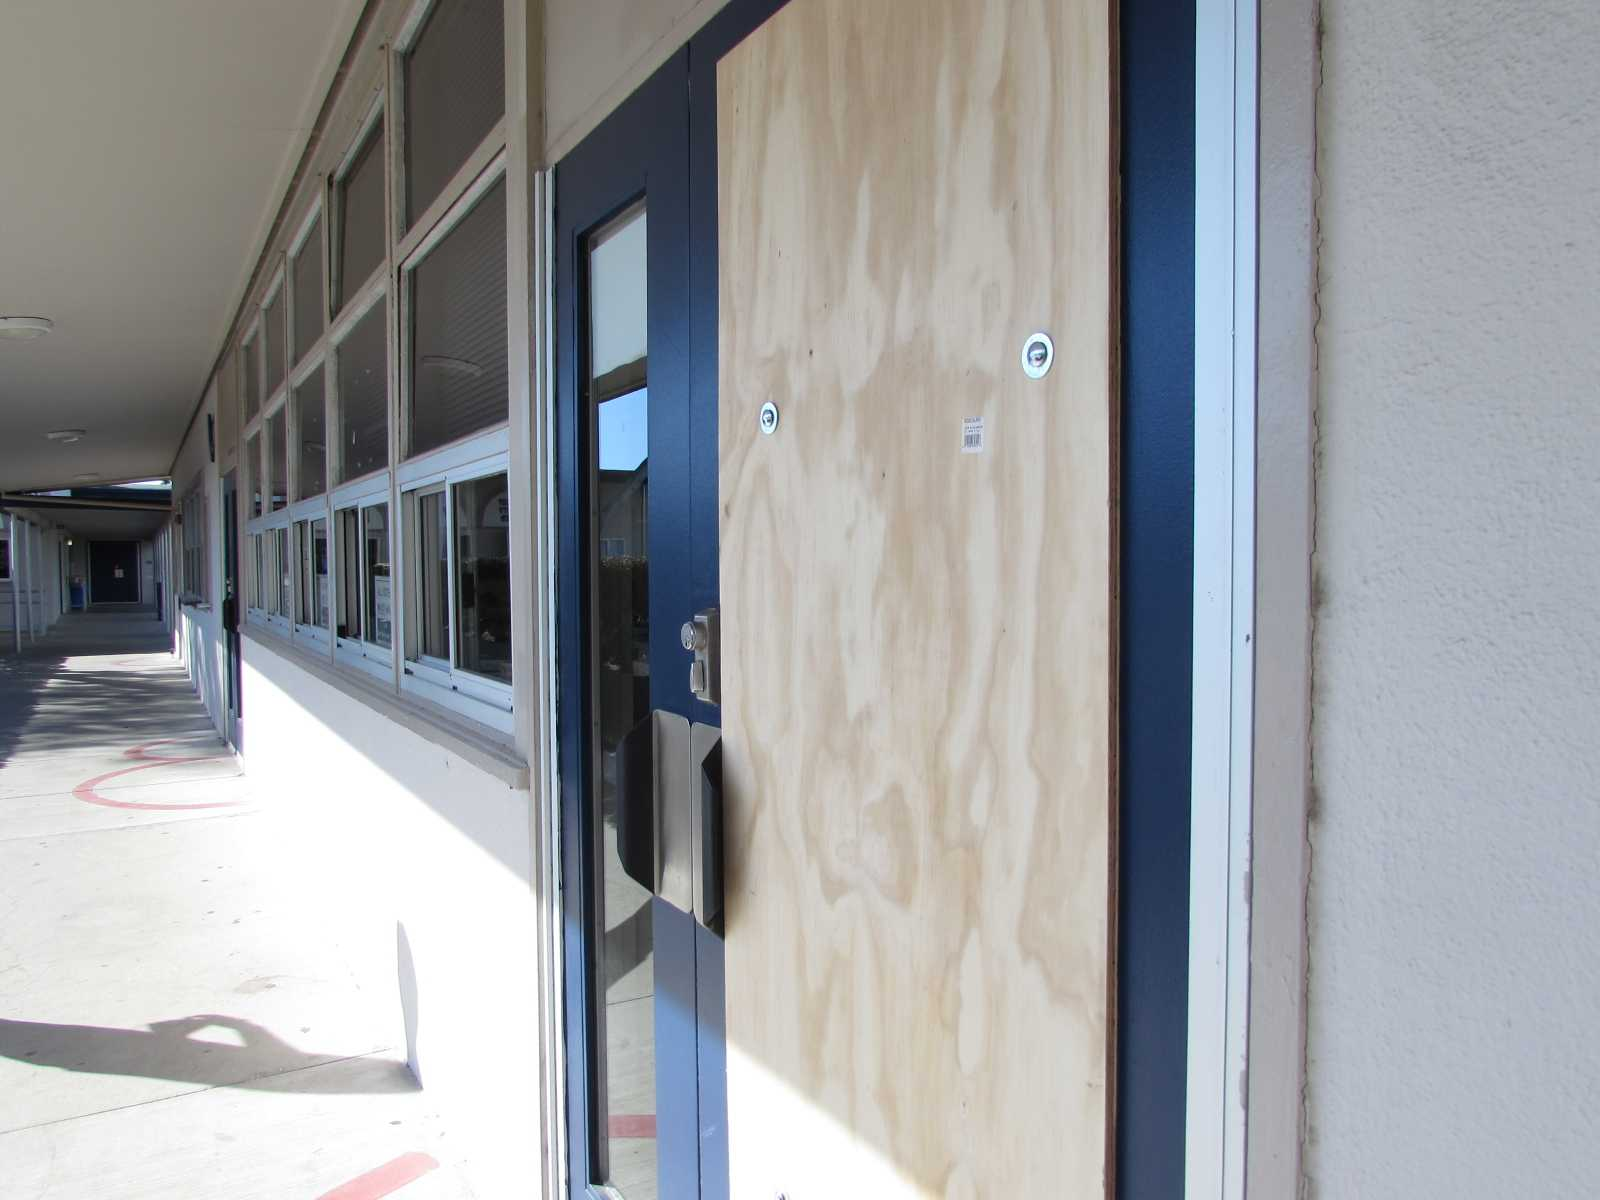 Vandalism On Campus Main Office Door Broken The Stinger